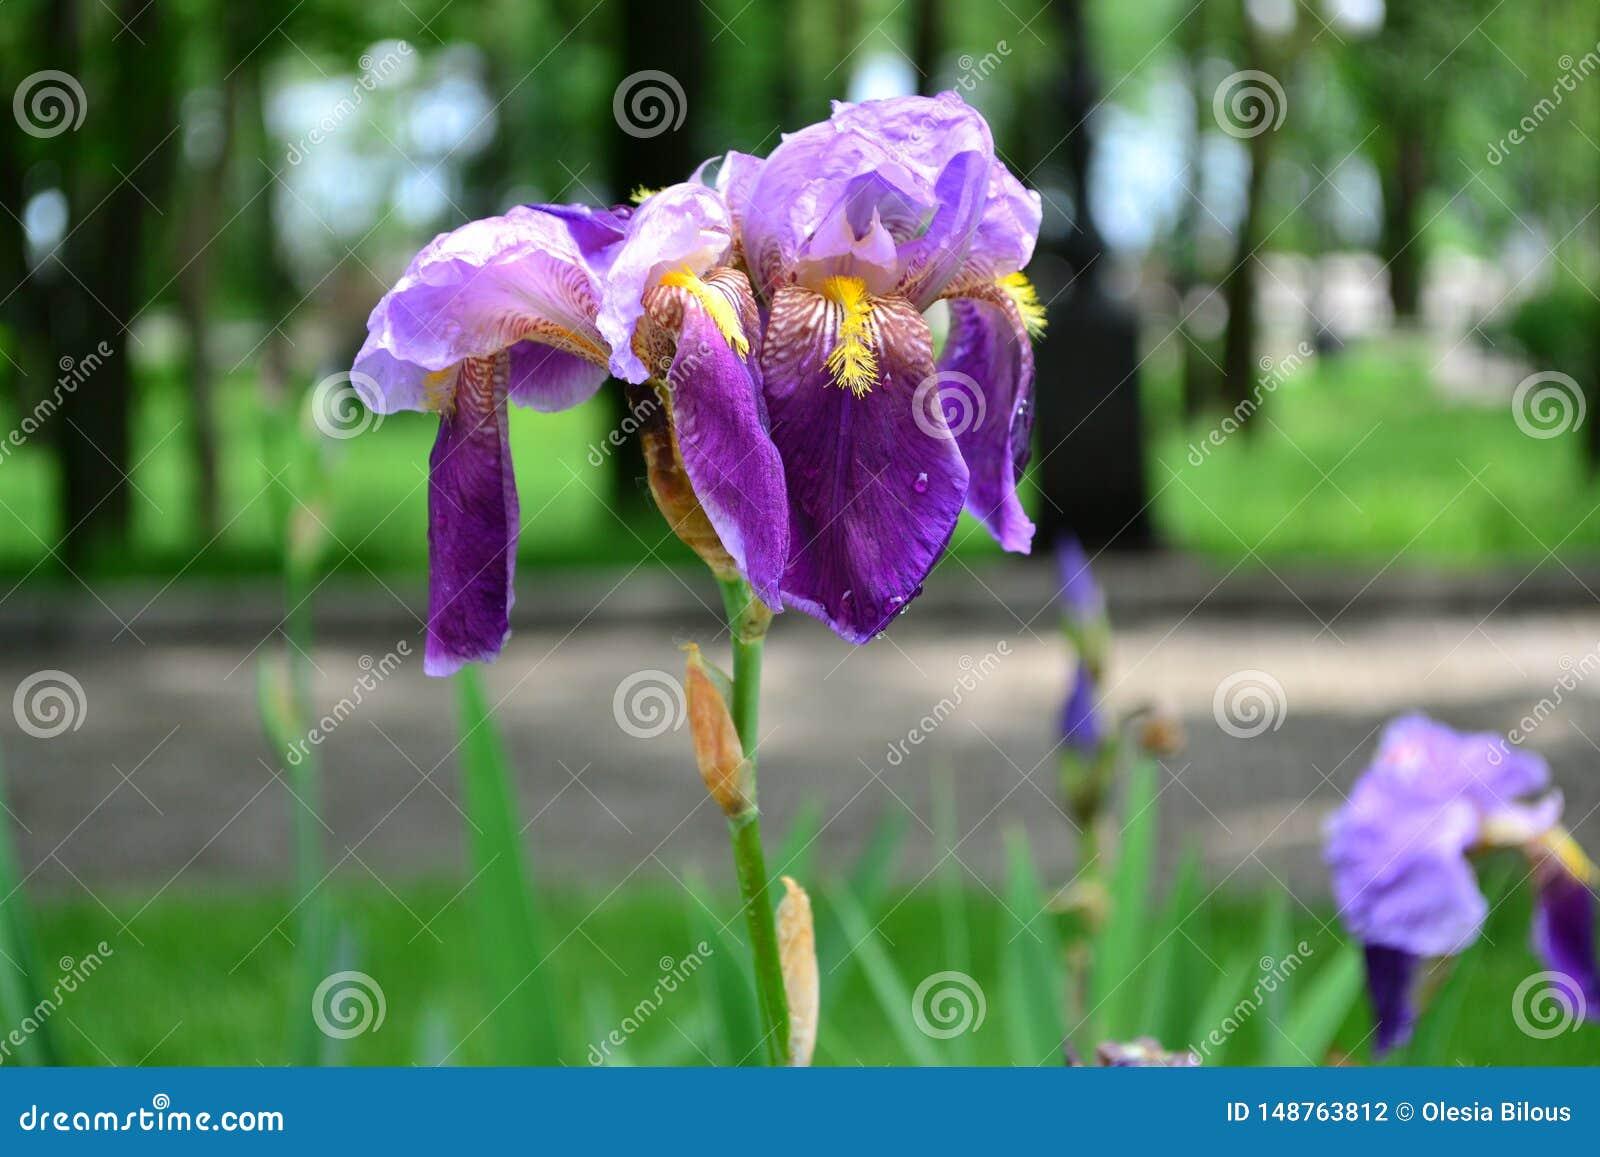 Irisbloem - schaduwen van purple, van licht aan dark